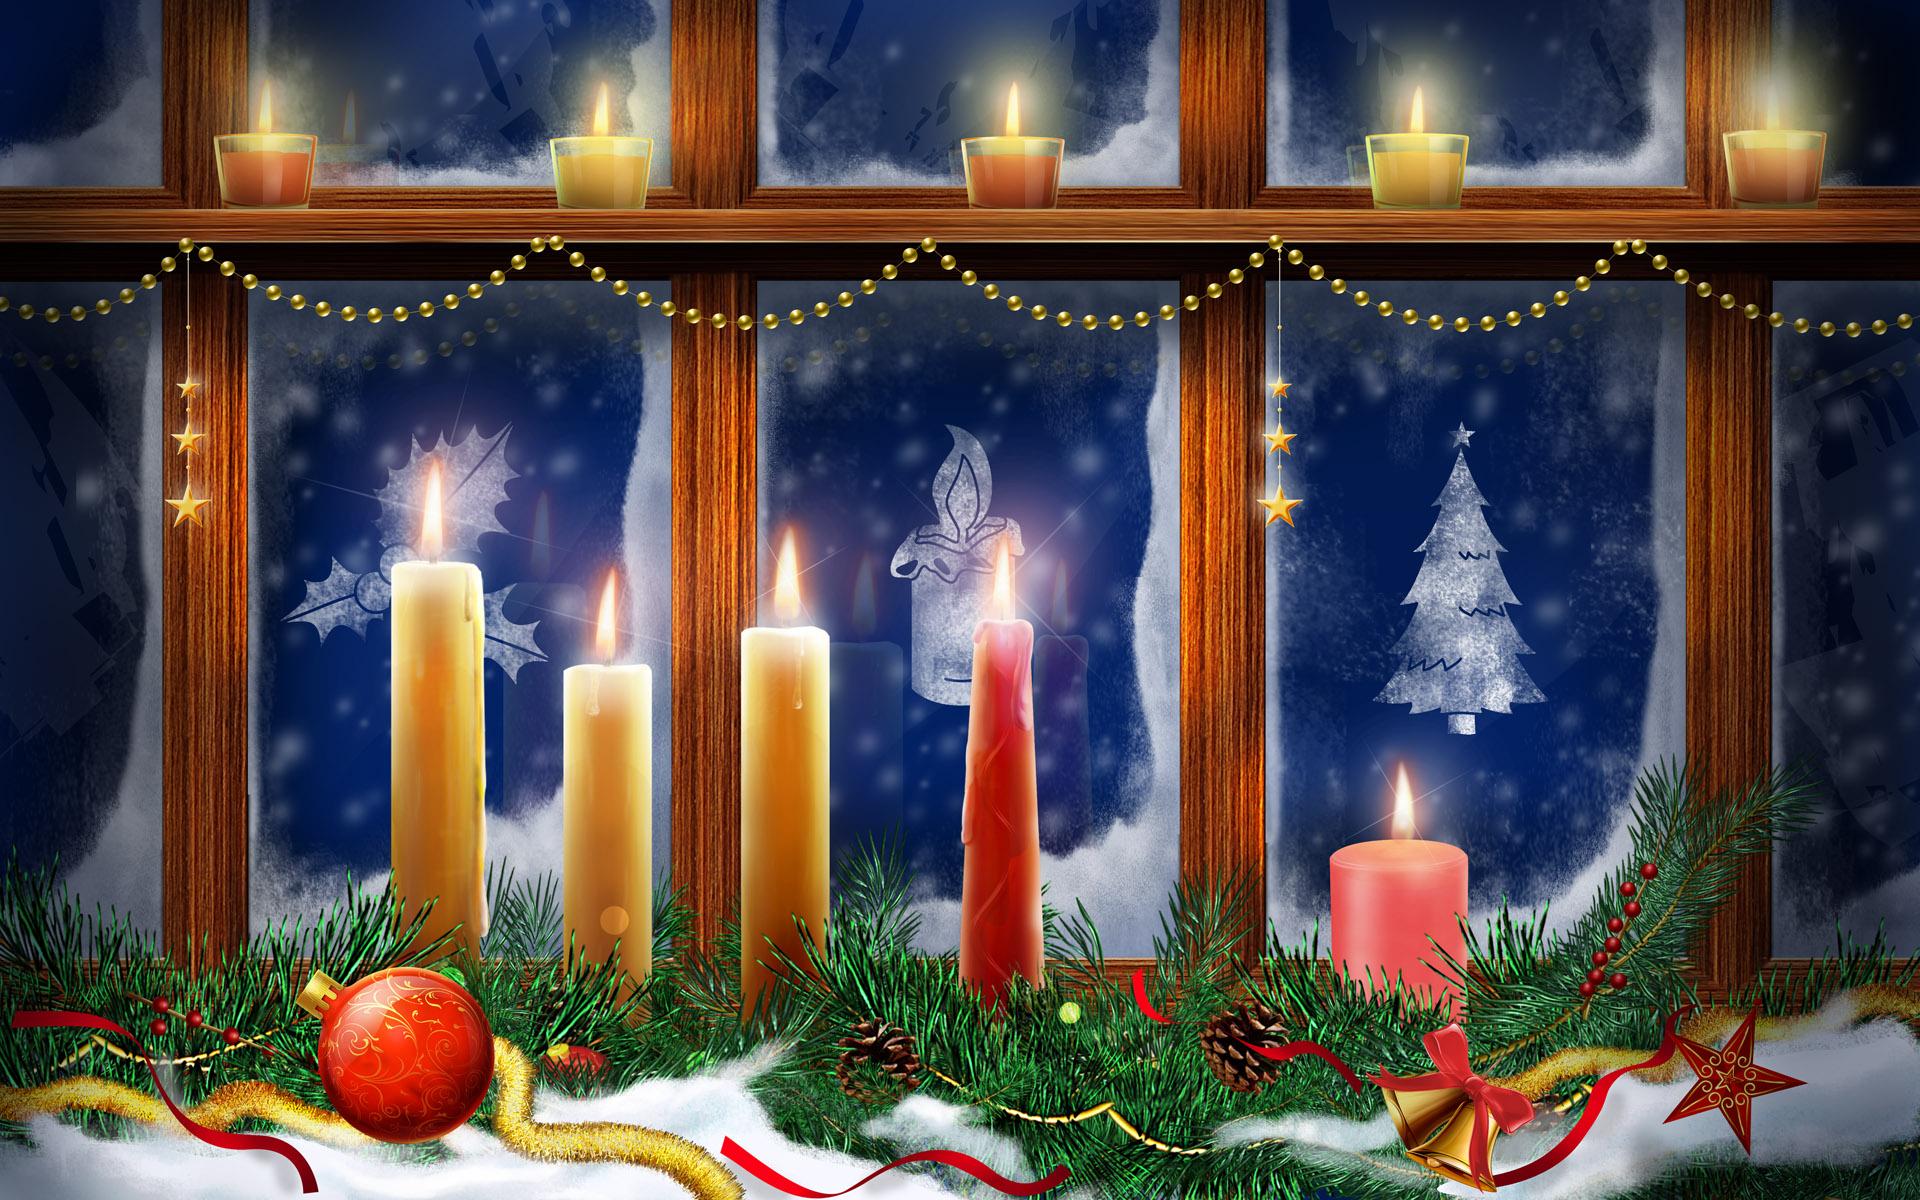 Открытки с рождеством христовым на телефон 2019, стерео-варио днем